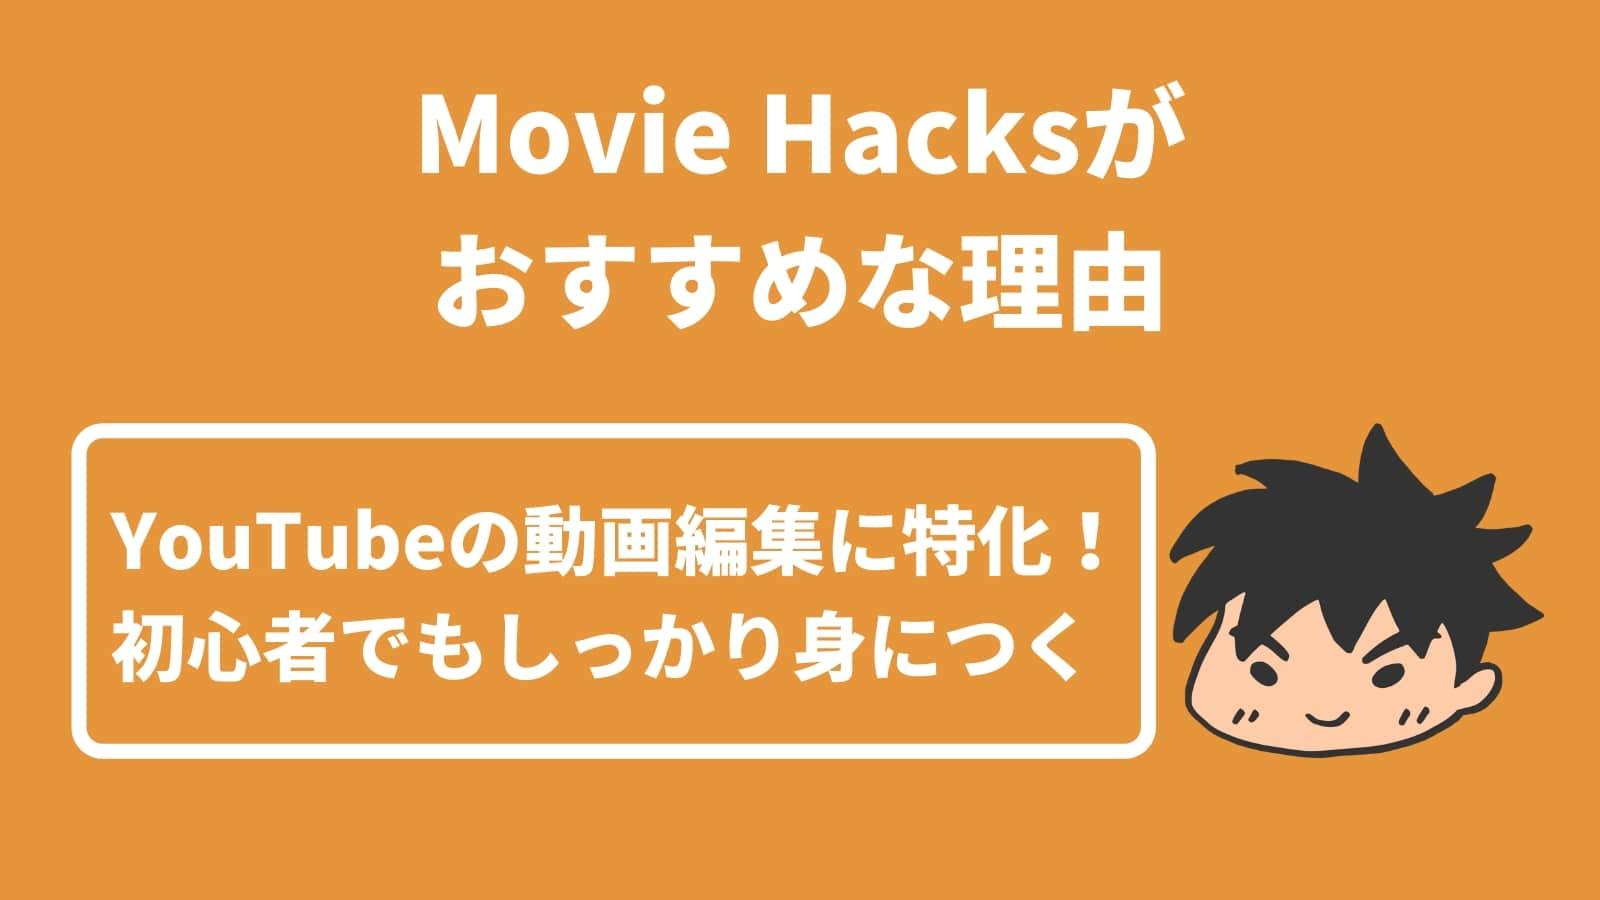 Movie Hacksが おすすめな理由